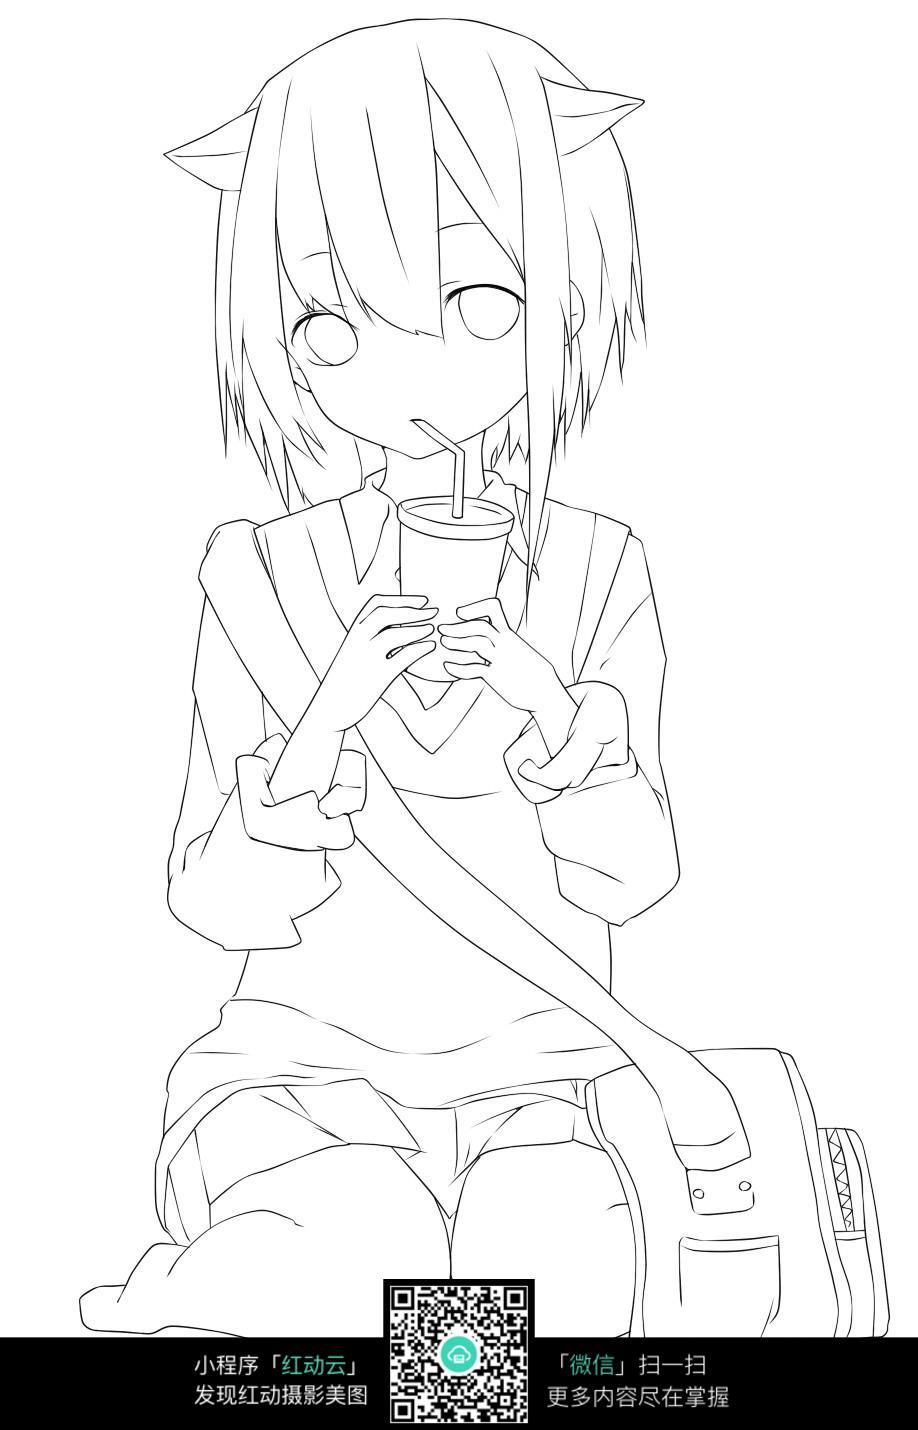 喝饮料的女孩卡通手绘线稿